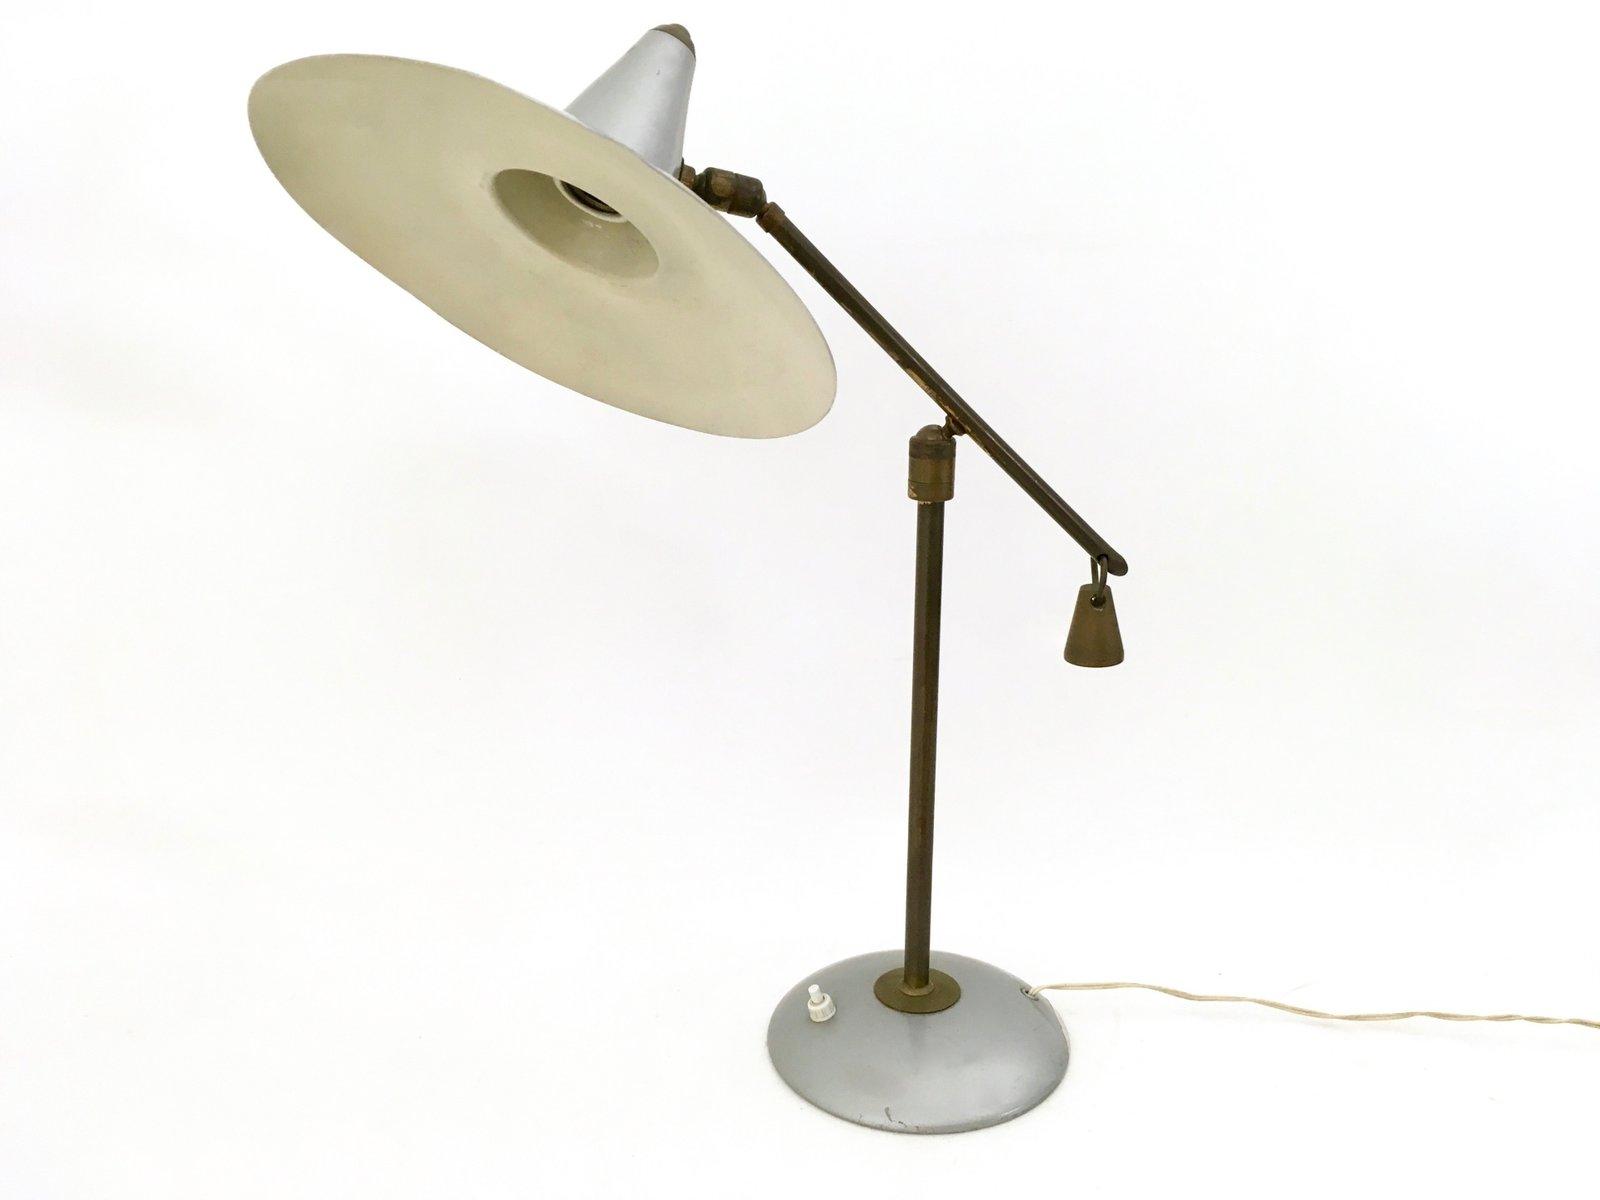 Lampe de bureau en laiton et métal verni s en vente sur pamono